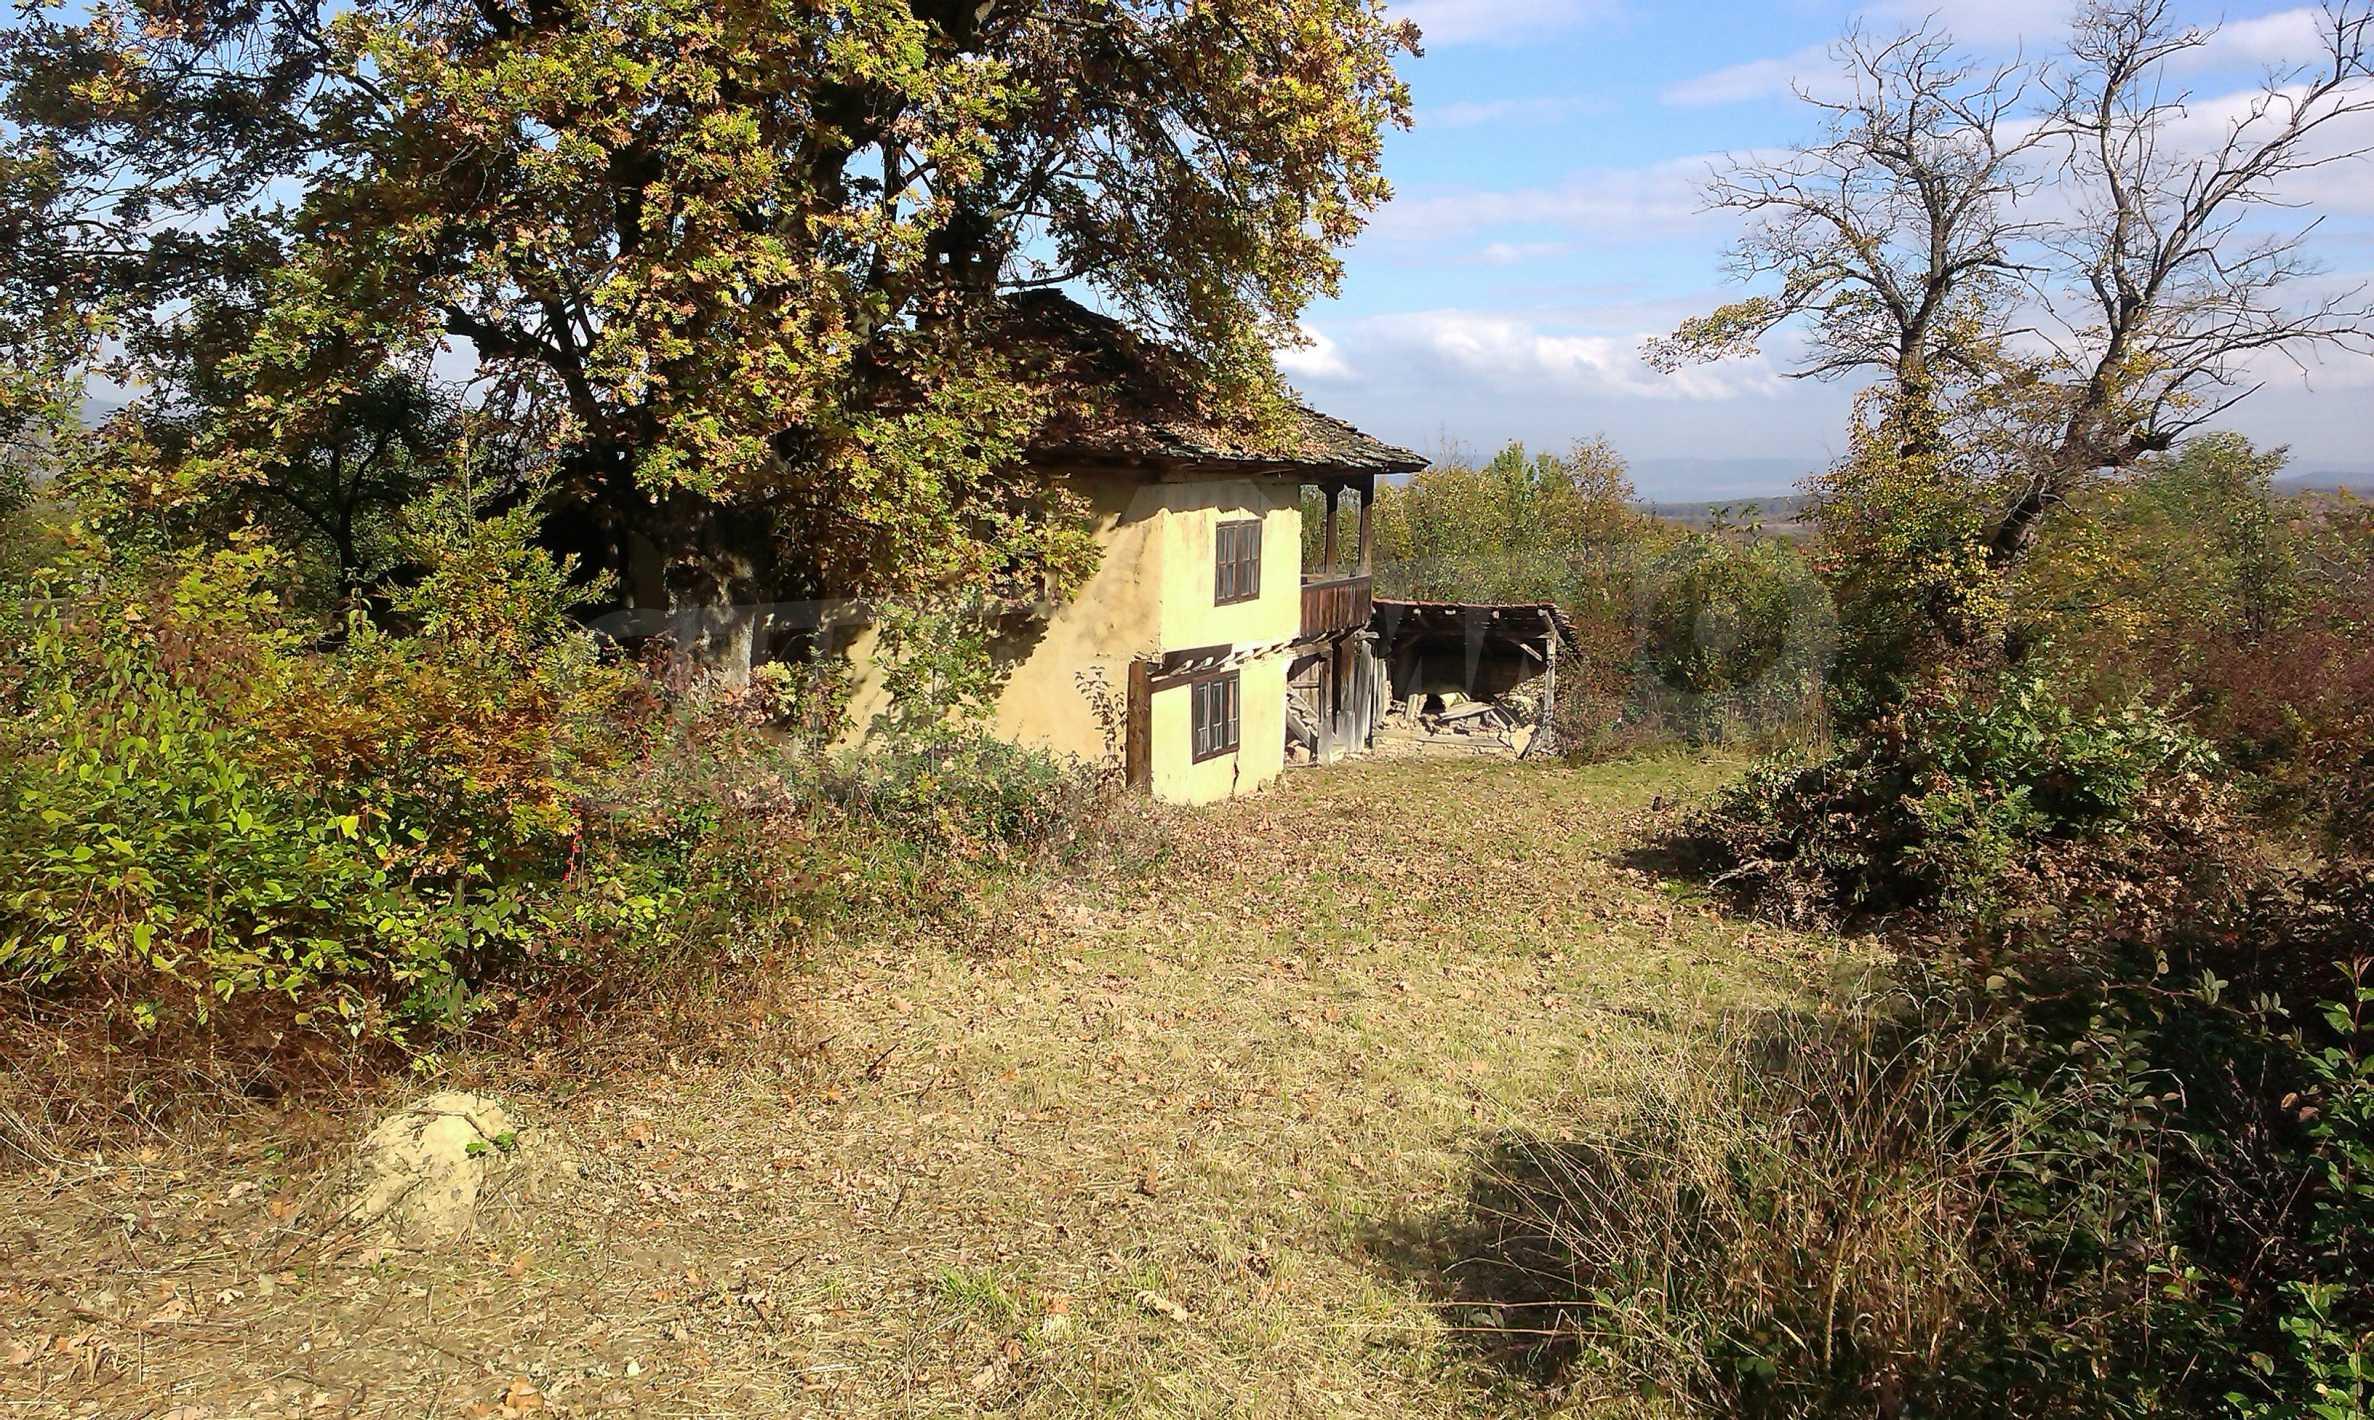 Двуетажна къща в красиво планинско село, до езеро 27